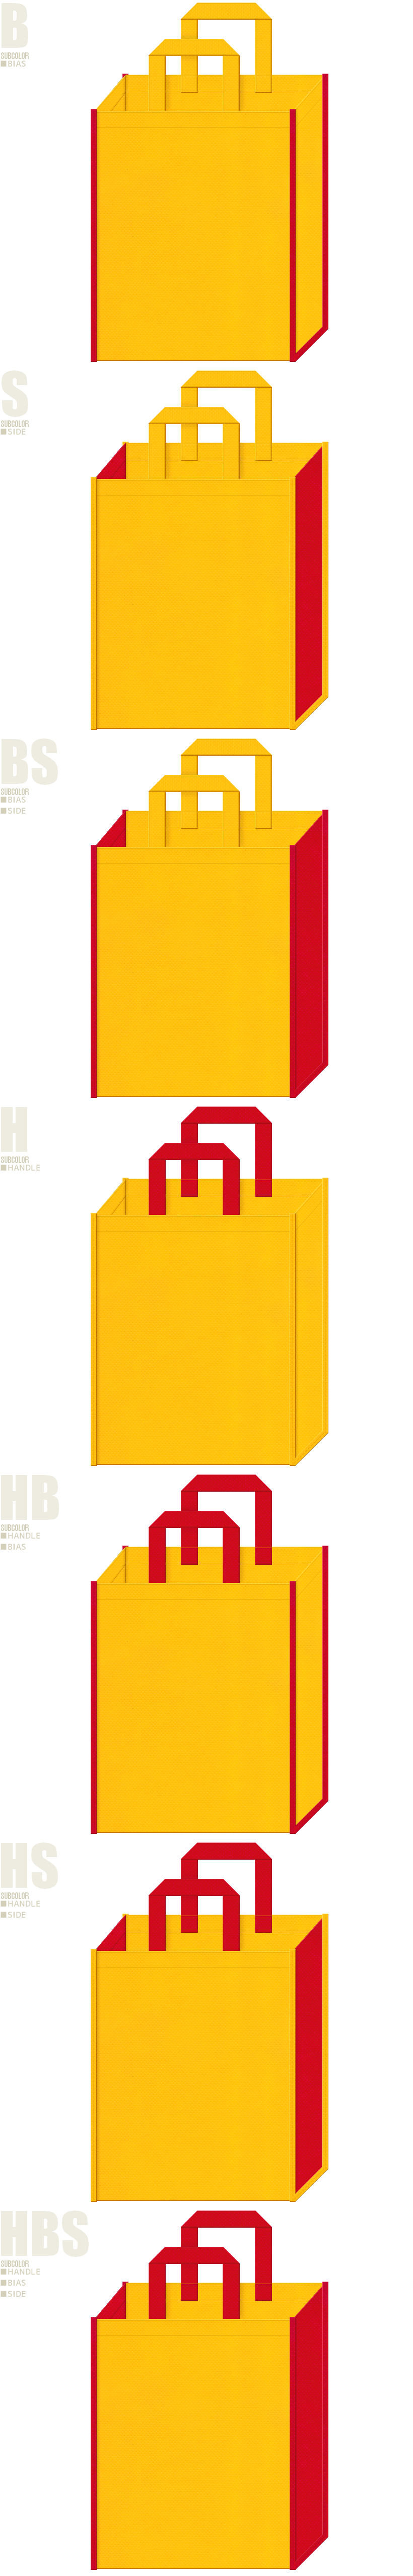 おもちゃ・遊園地・テーマパークにお奨めの、黄色と紅色、7パターンの不織布トートバッグ配色デザイン例。緑色の印刷でアフリカ風にも。